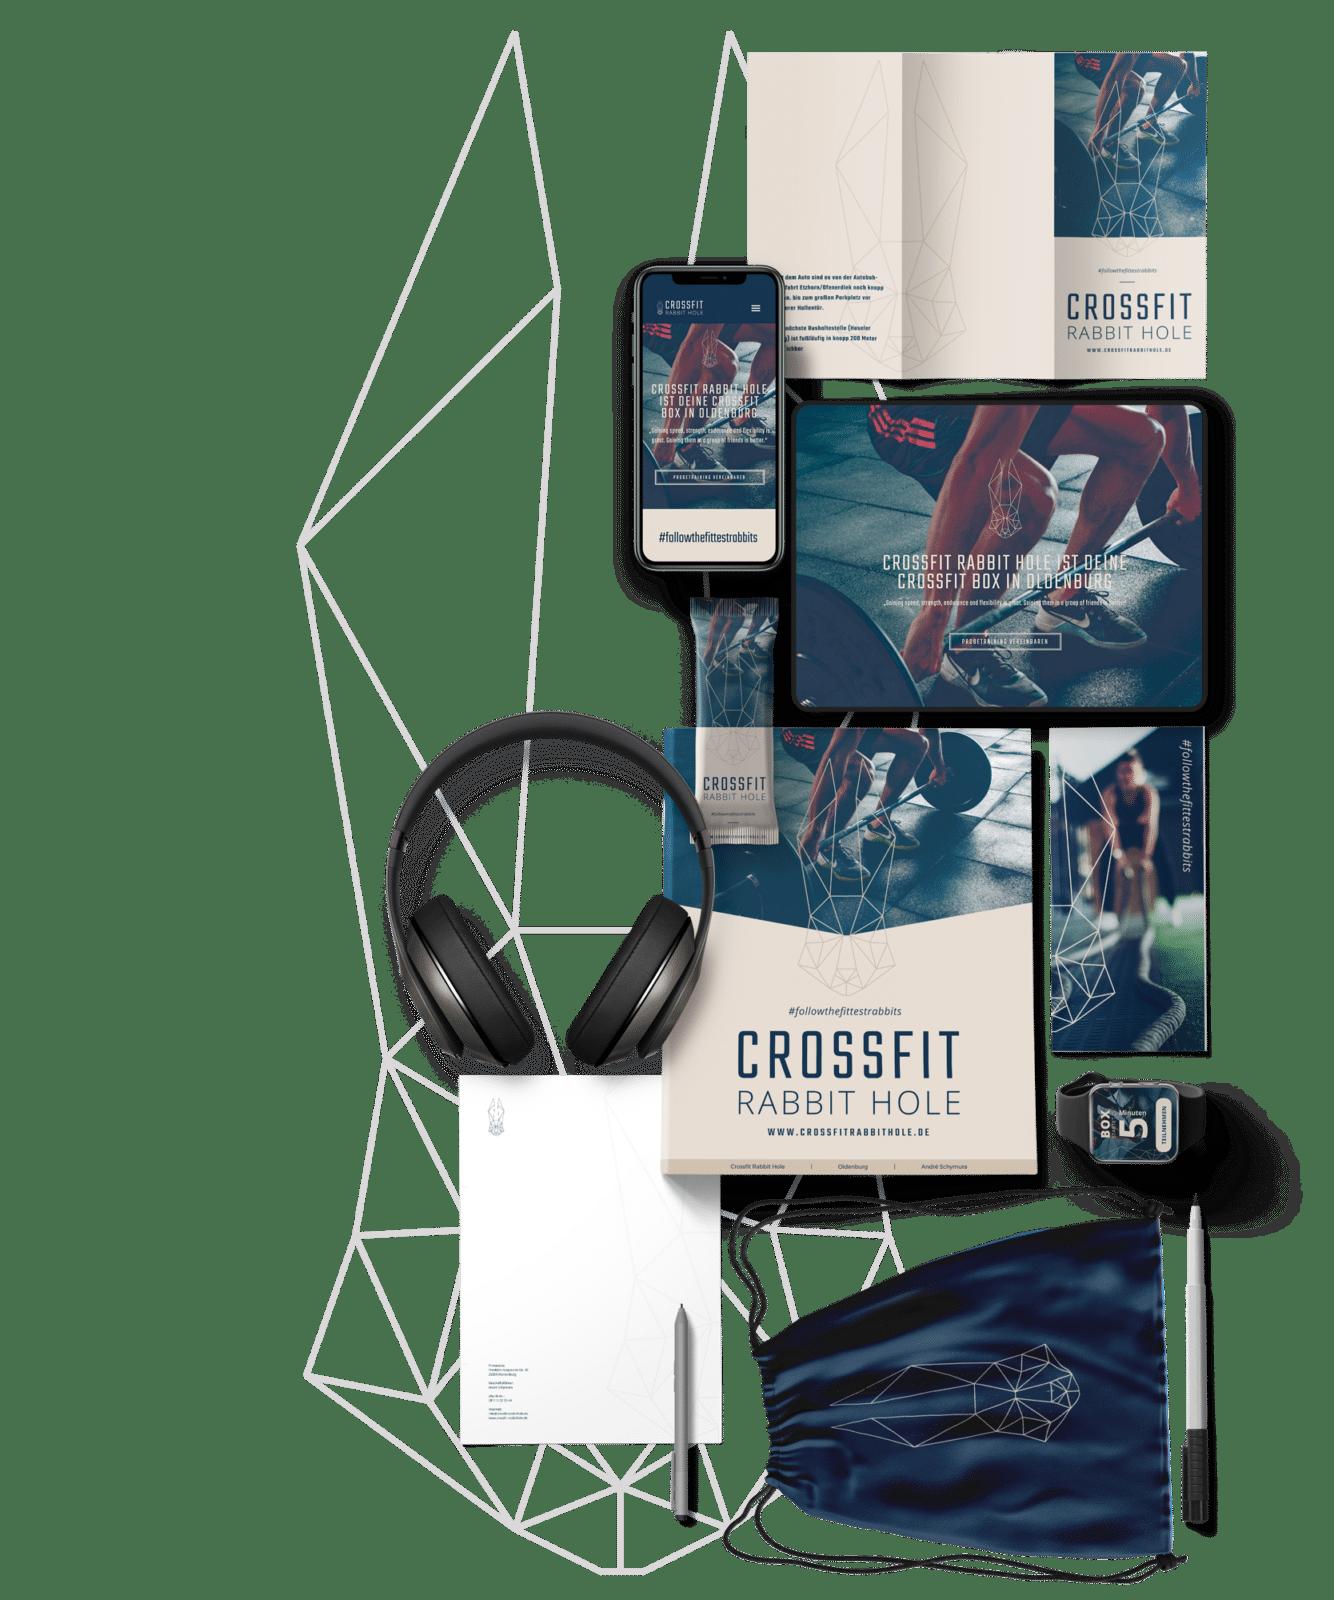 Logo- und Corporatedesign erstellen lassen: Komplettes Corporate Design Paket von Flyer, Logo und Styleguide. Das Beispiel wird mit einer Referenz dargestellt.